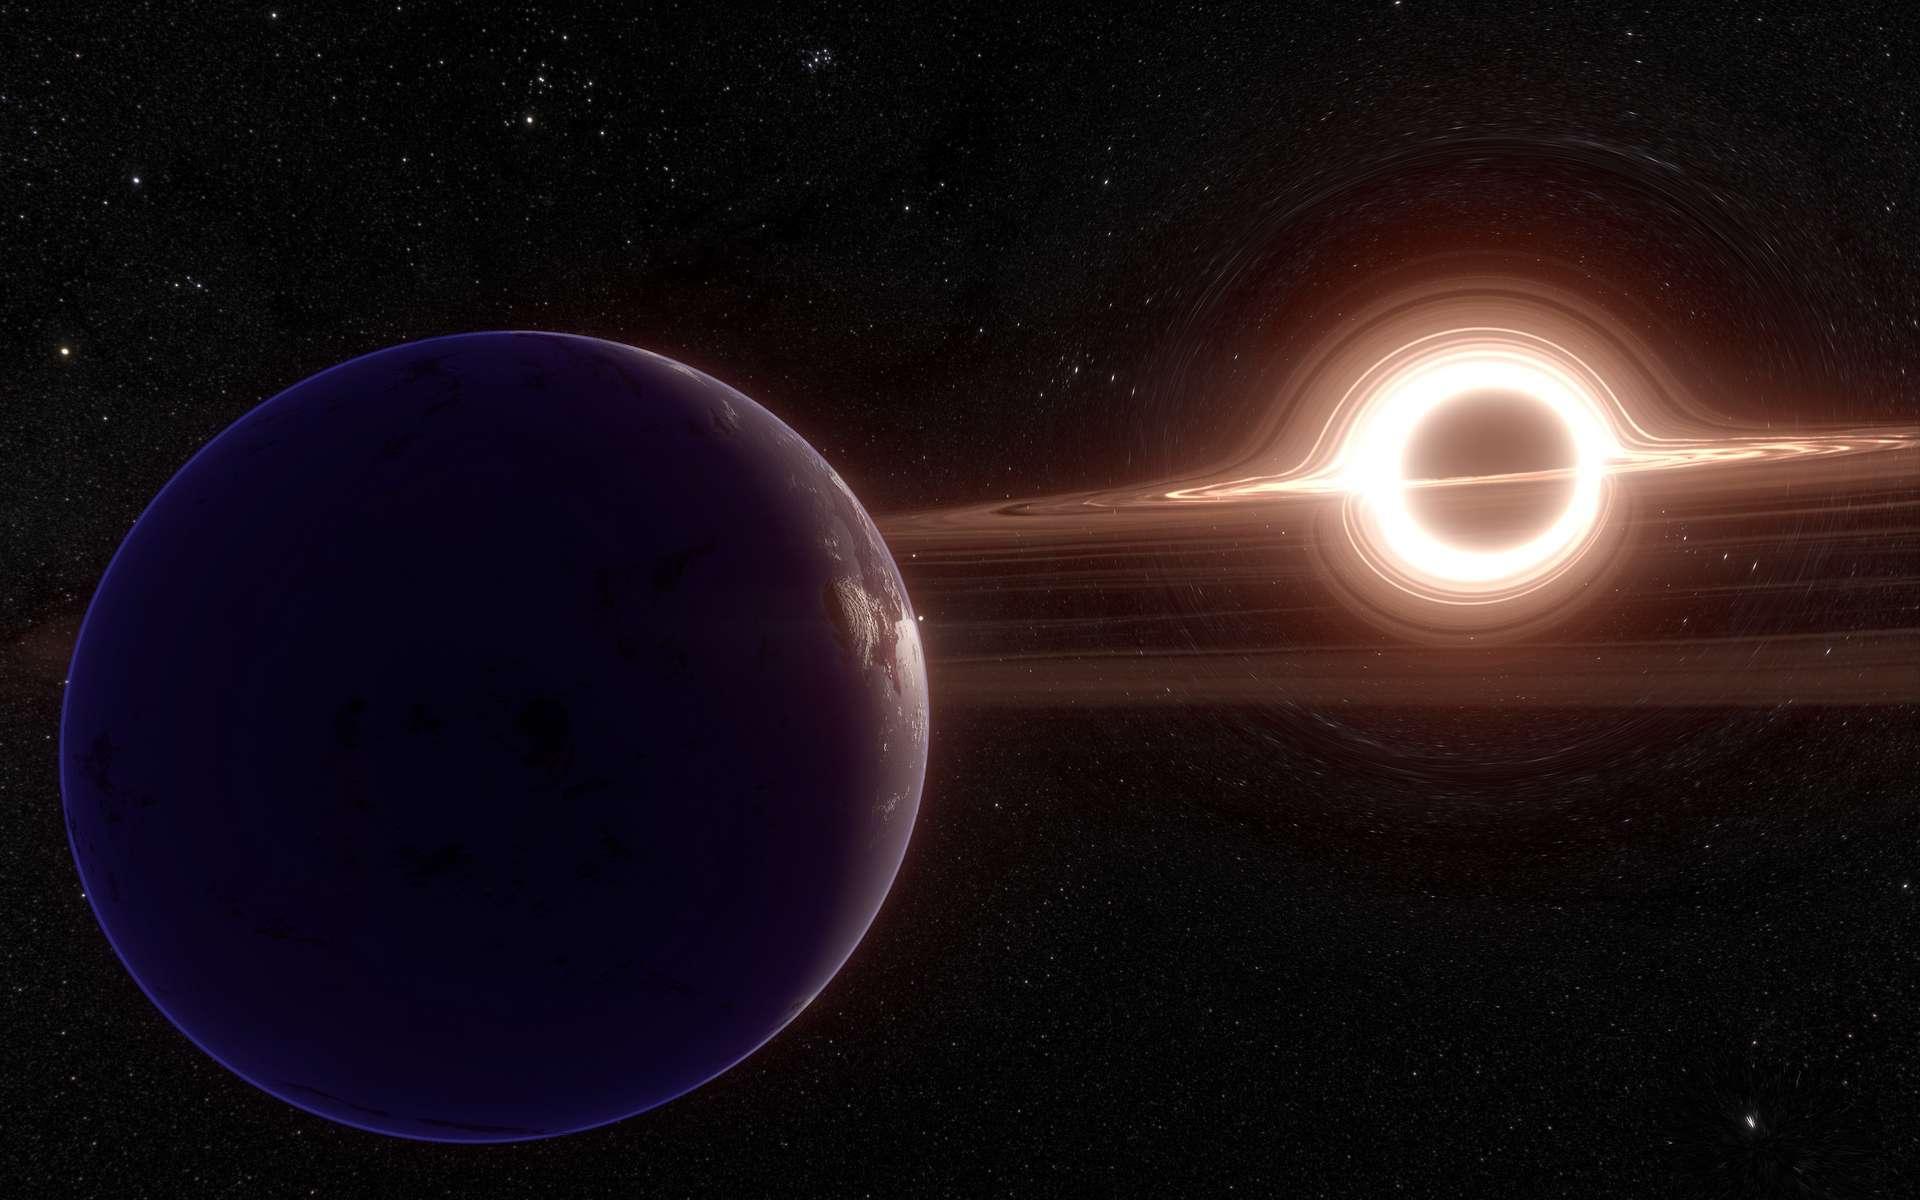 Des chercheurs japonais estiment que des « blanètes », semblables à nos planètes, peuvent orbiter au large de trous noirs supermassifs. © PatinyaS., Adobe Stock